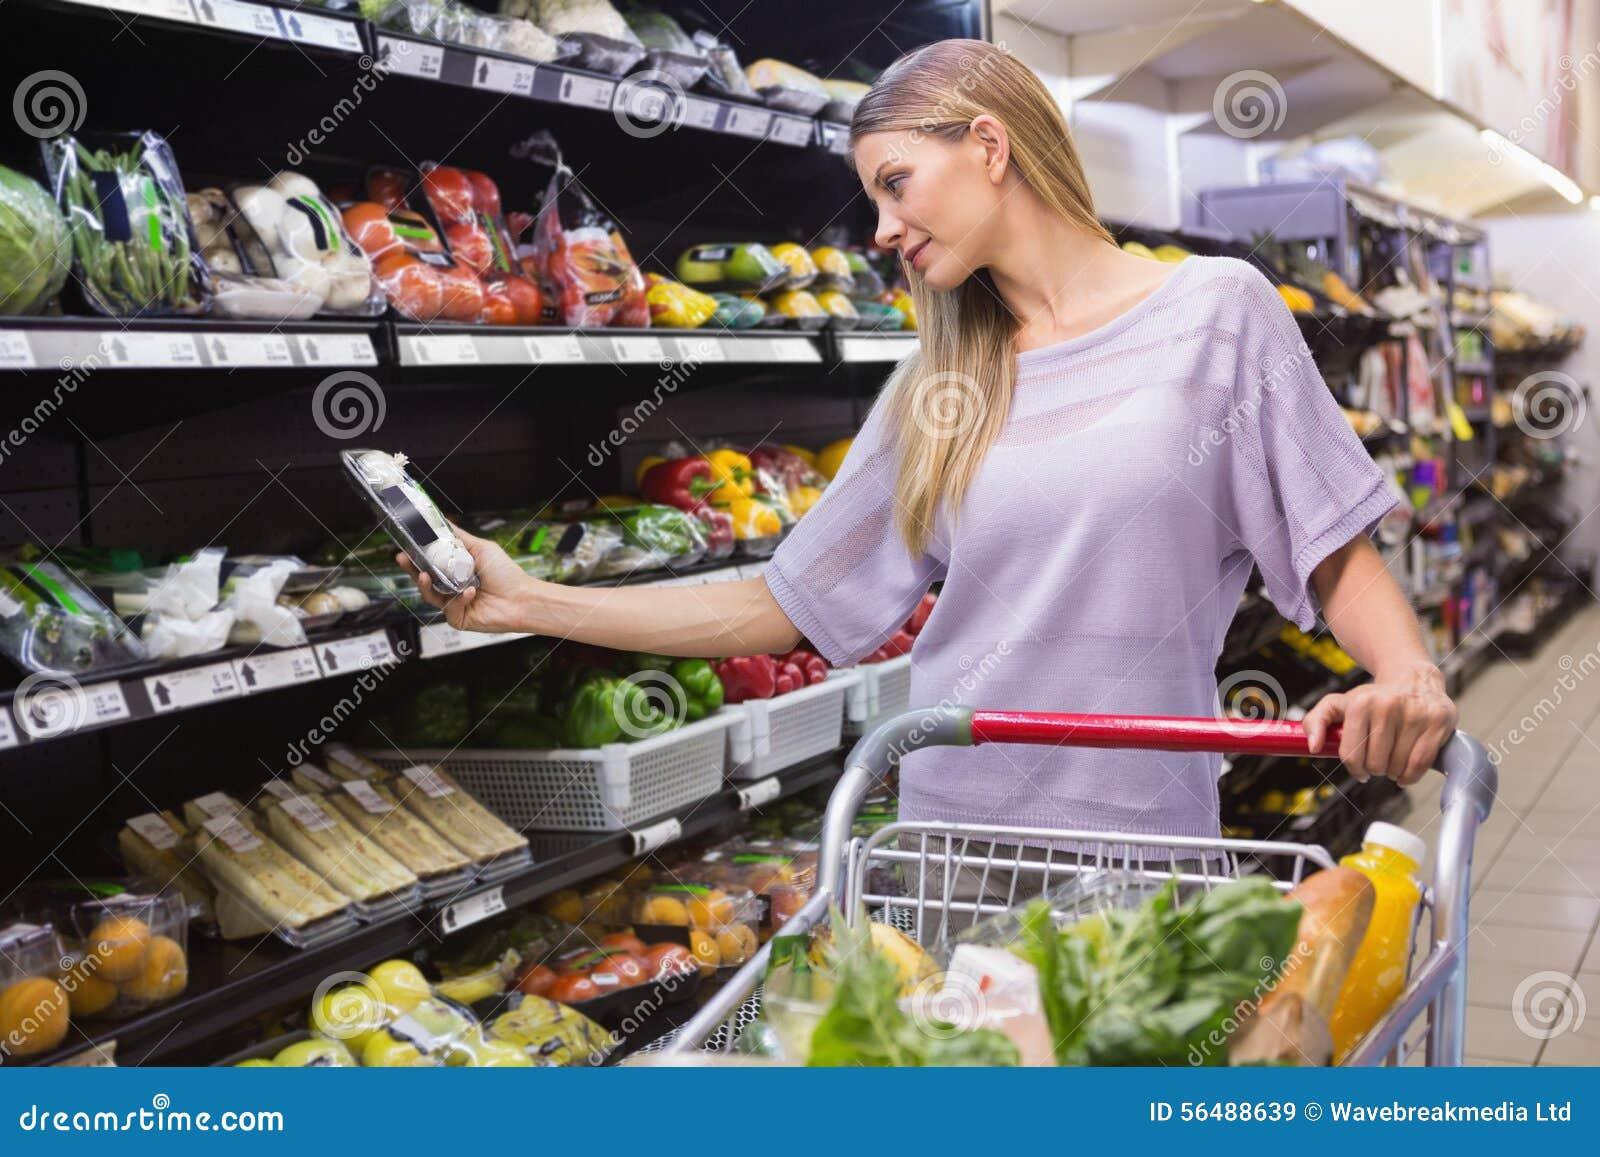 Prise de sourire de femme légumes dans le bas-côté